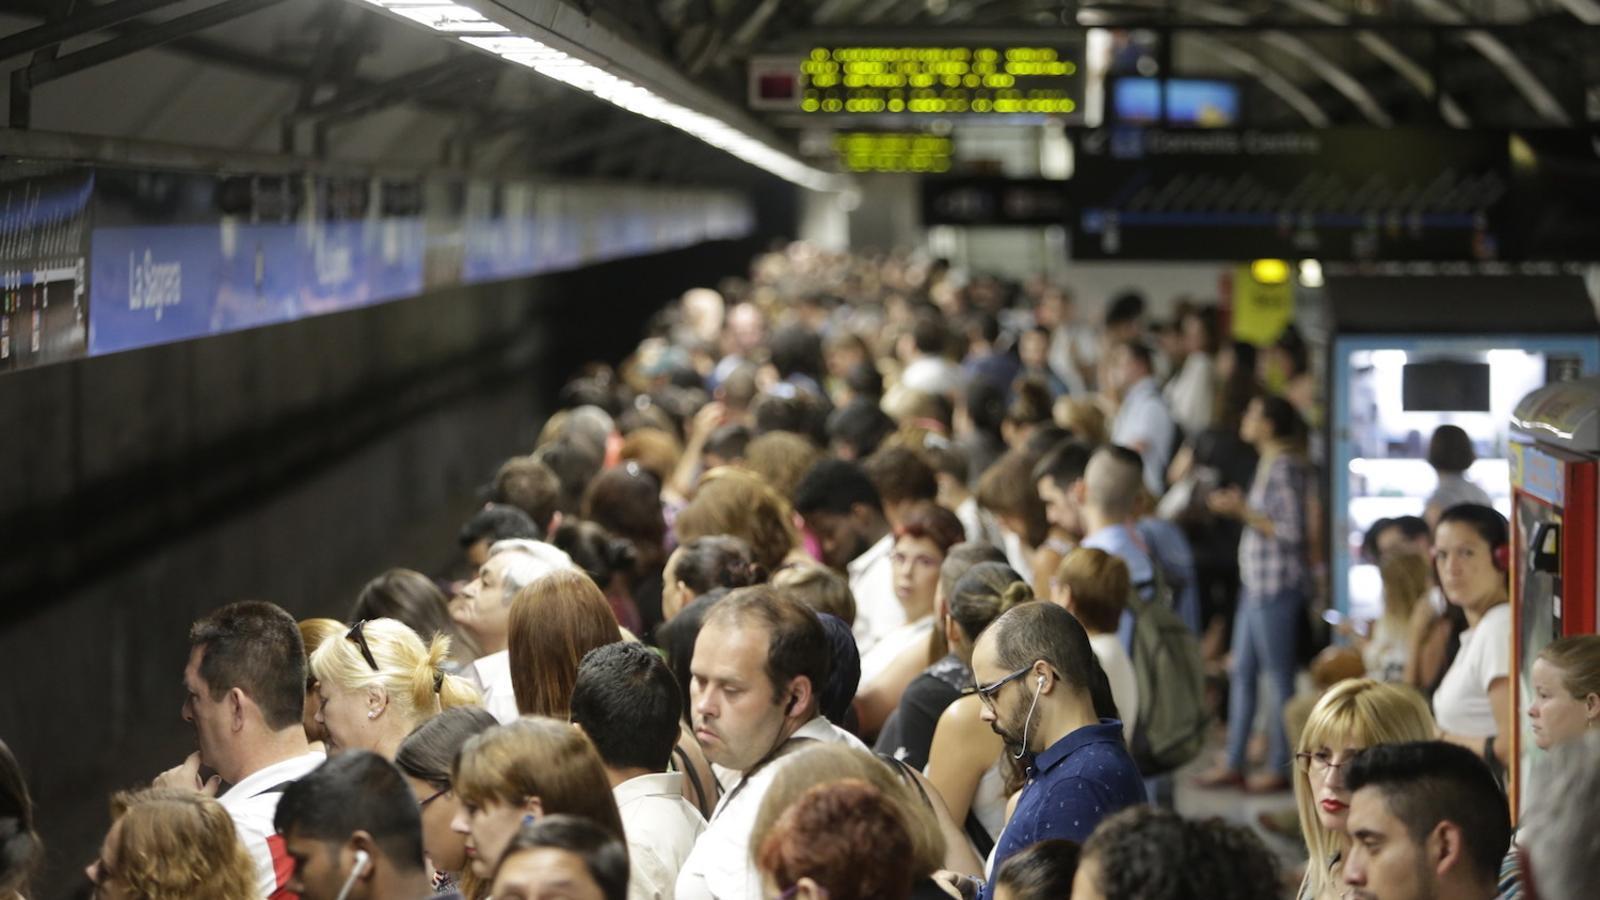 Barcelona promet 12 combois nous per a les línies més saturades del metro